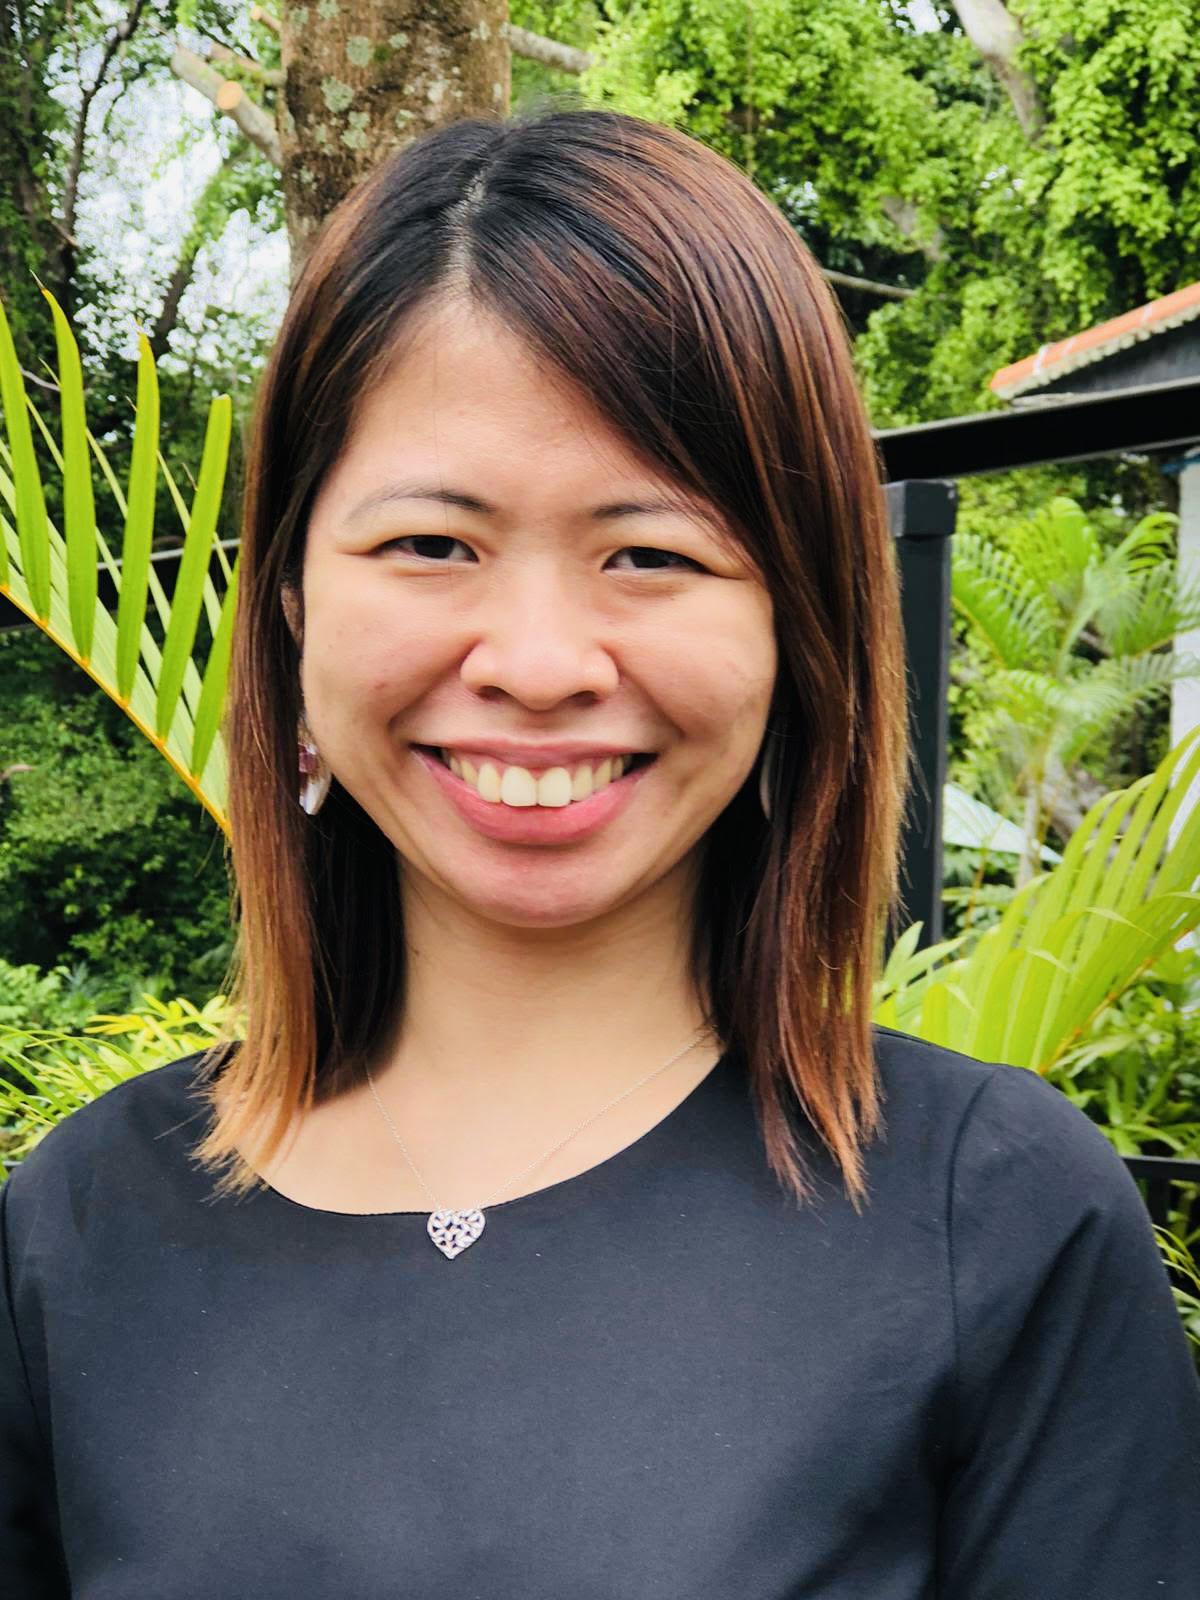 Ms Eudora Tan